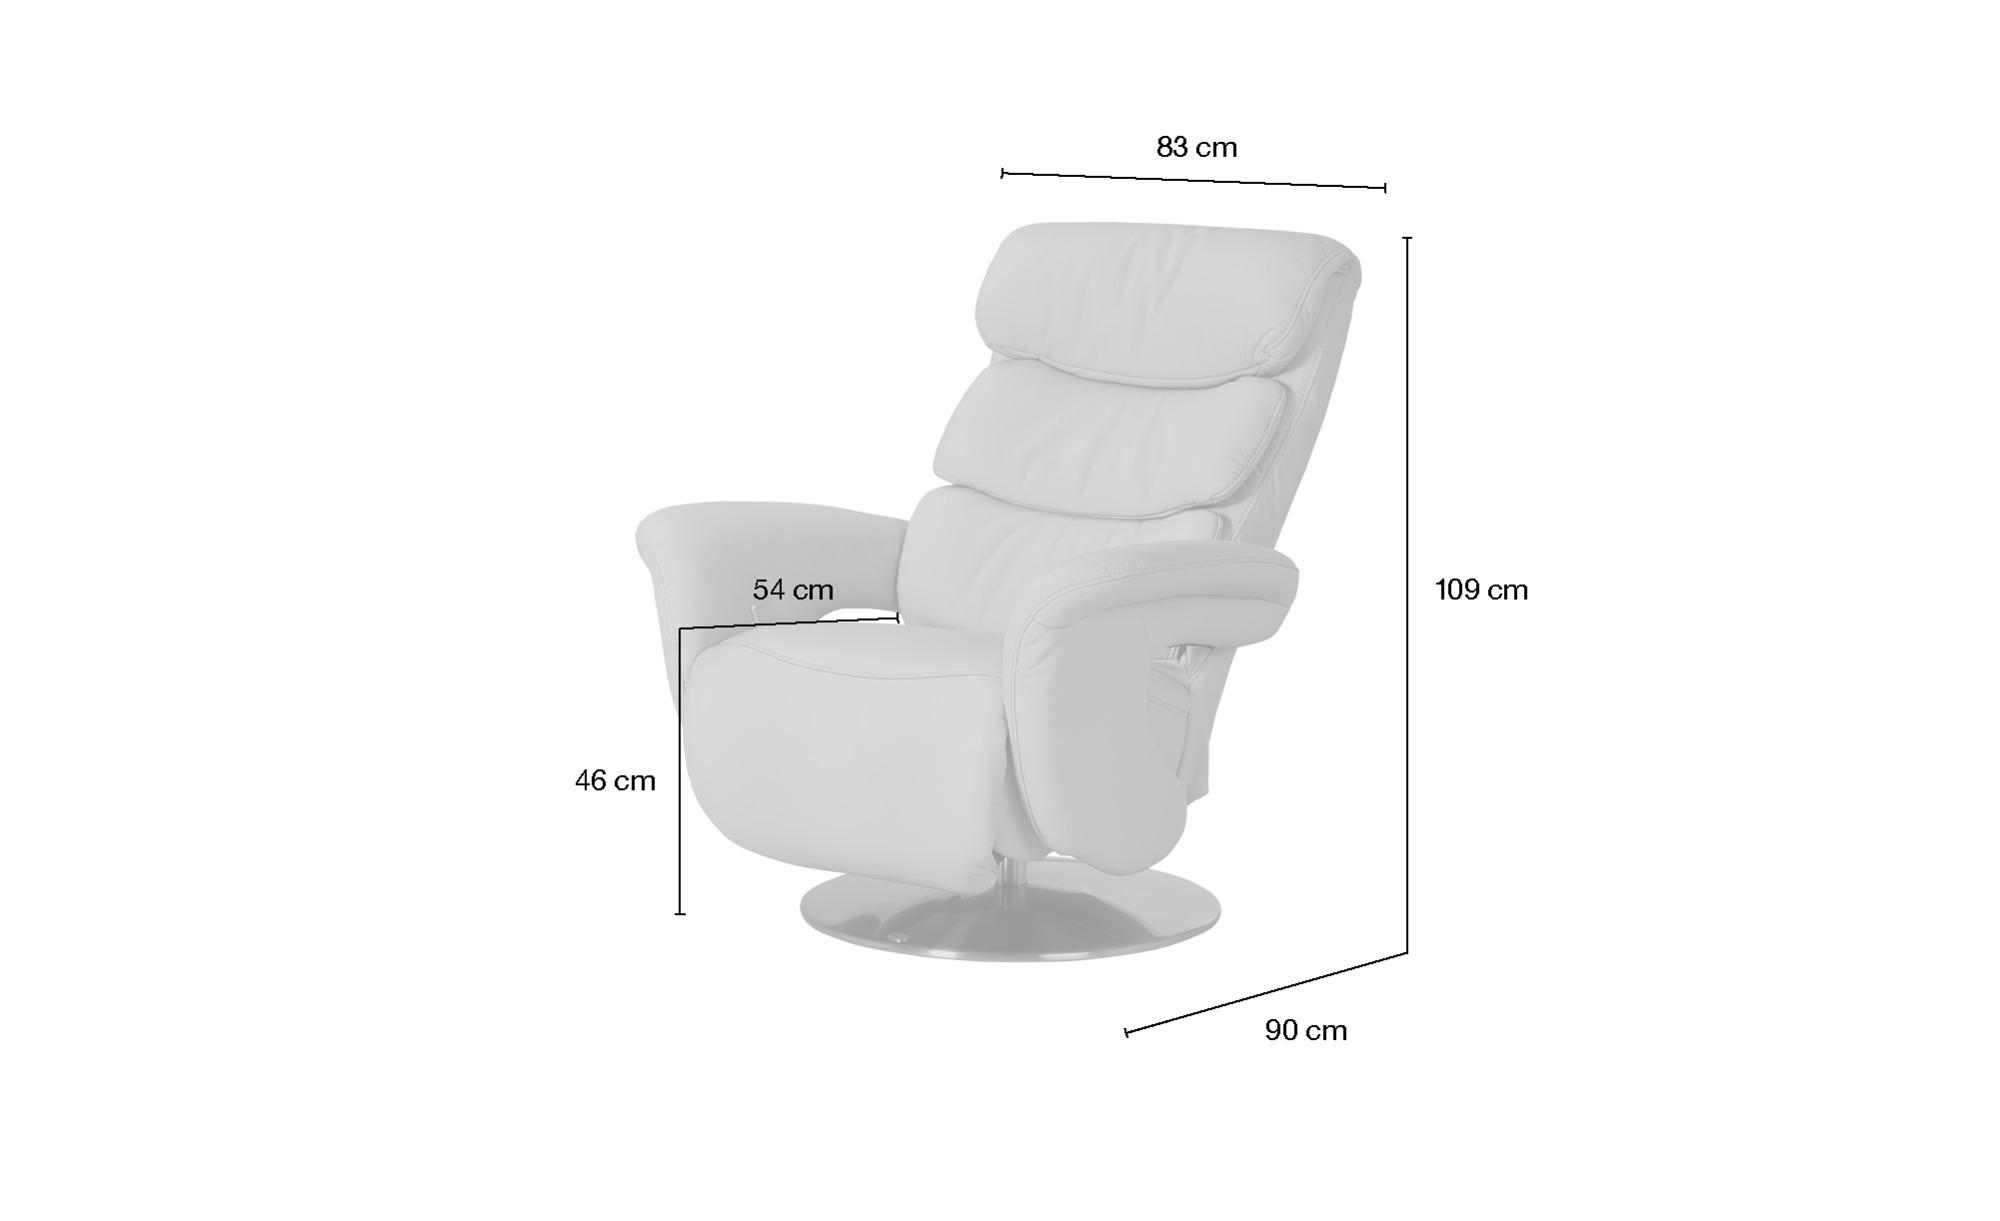 himolla Leder-Relaxsessel creme - Leder 7228 ¦ creme ¦ Maße (cm): B: 83 H: 109 T: 90 Polstermöbel > Sessel > Fernsehsessel - Höffner